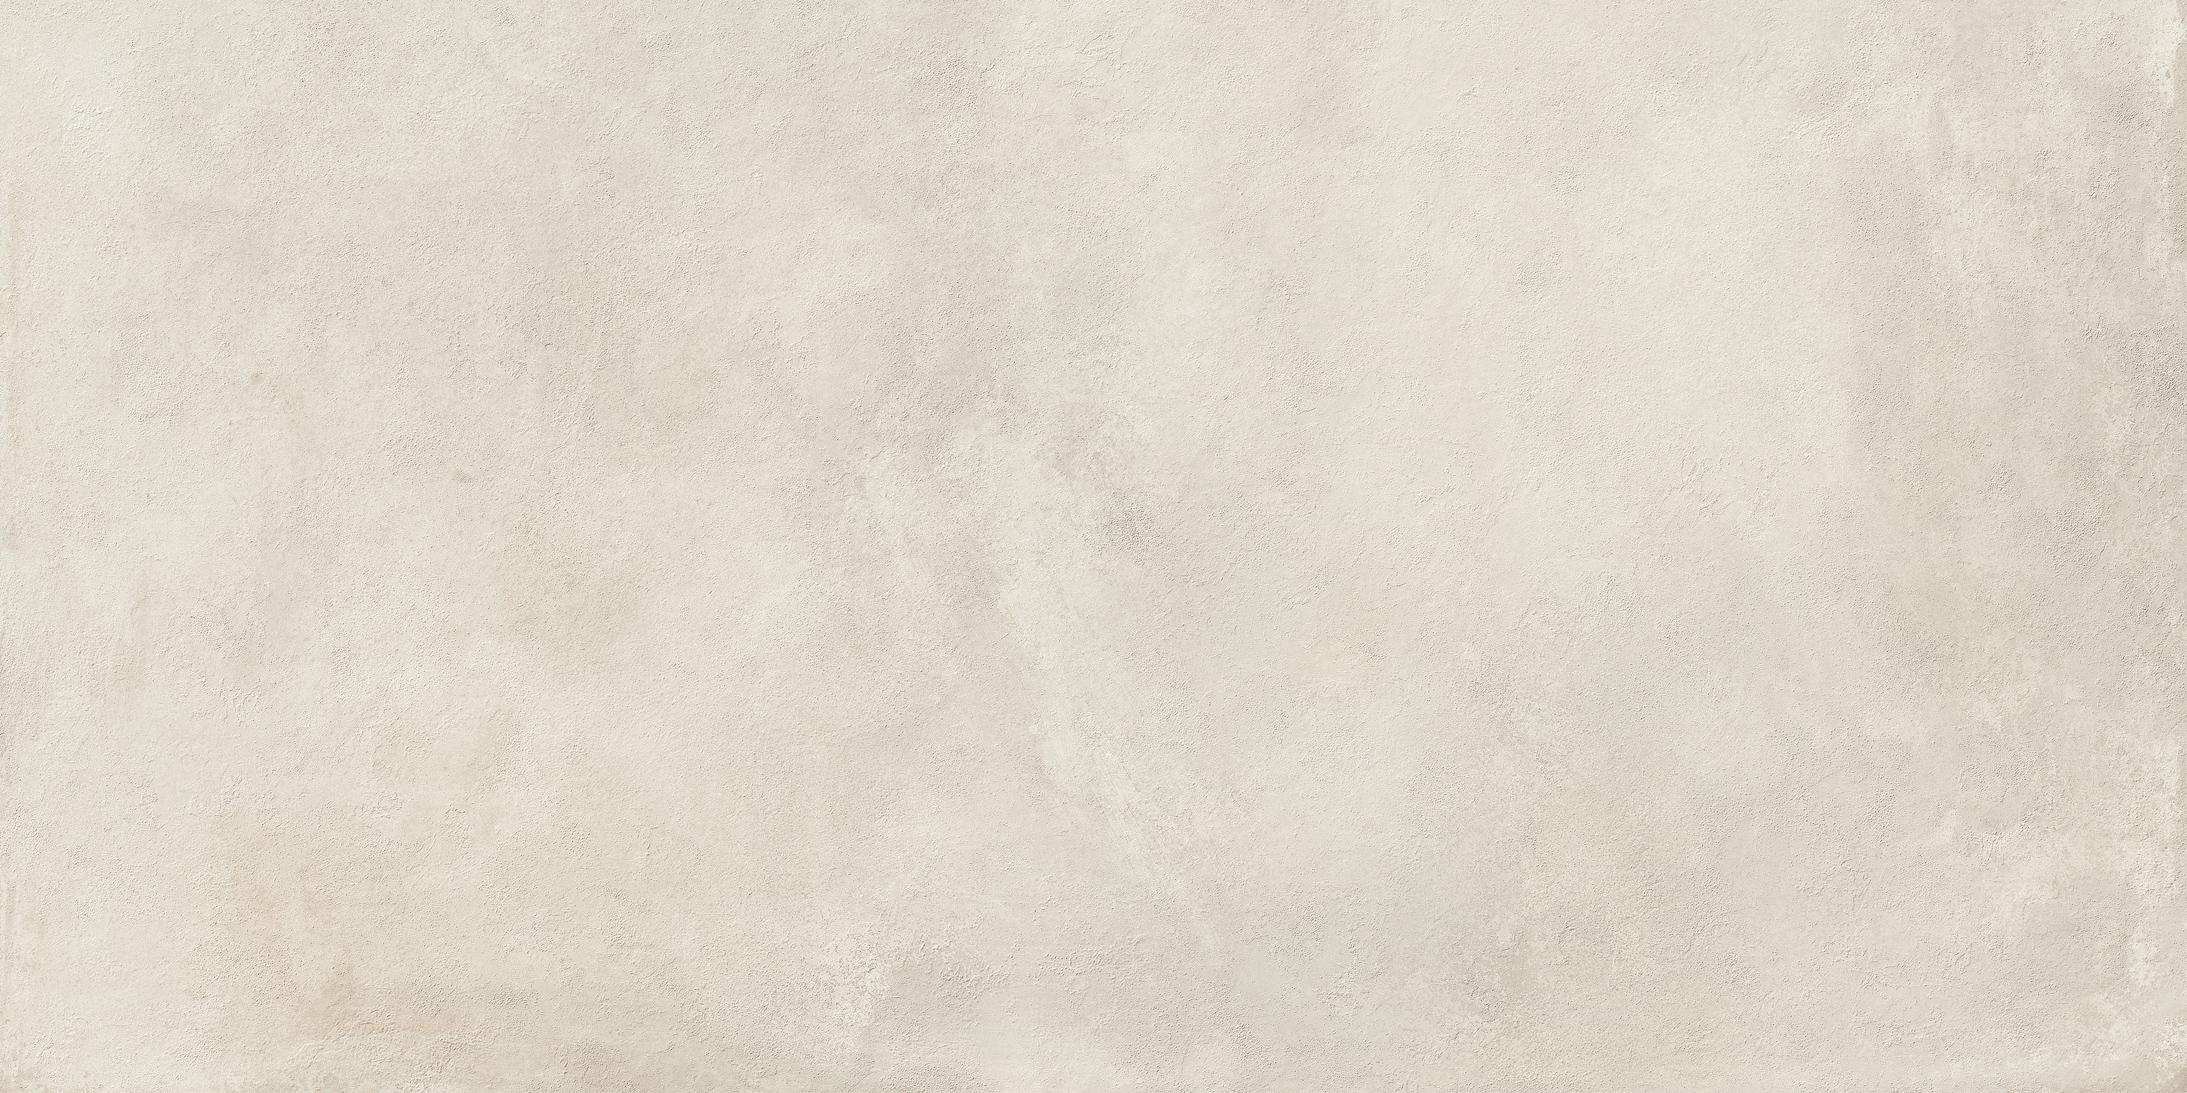 Керамогранит ITALON МИЛЛЕНИУМ ПЬЮР 80x160 Матовая